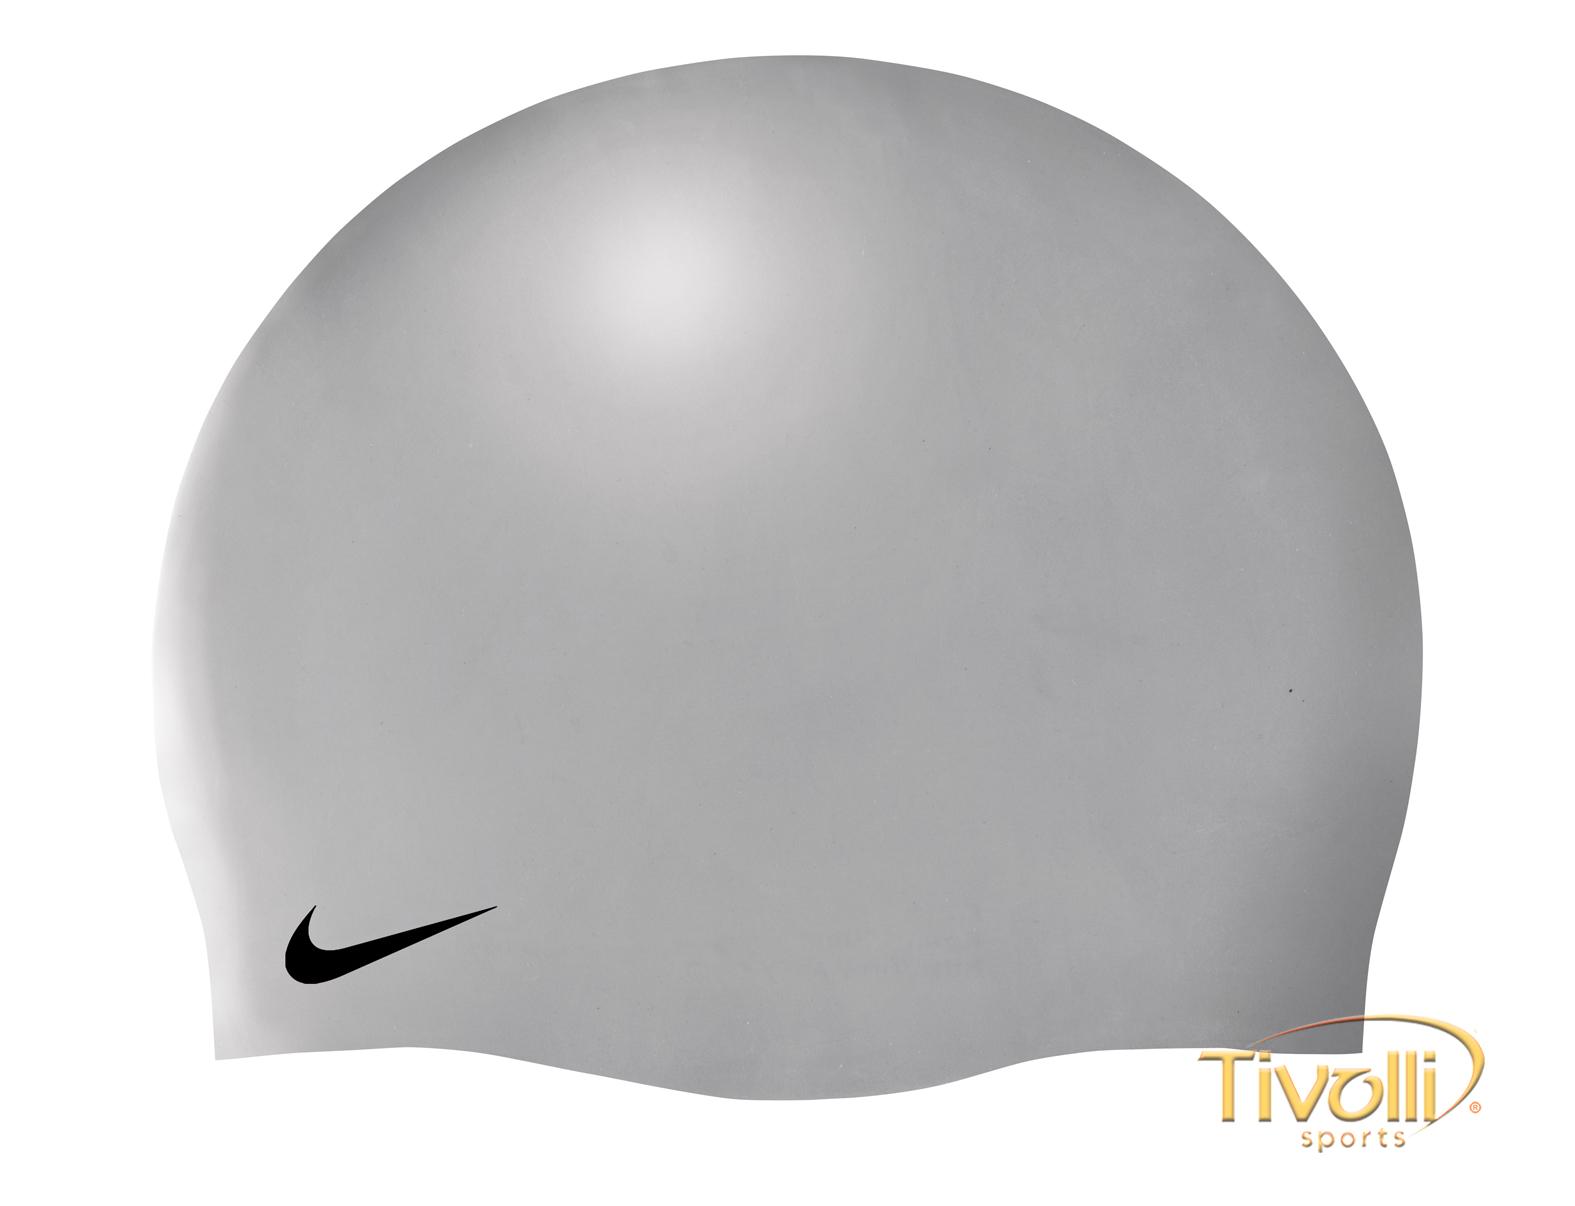 5795da3d6e075 Touca de Natação Nike Solid Silicone Cap   Unissex Cinza